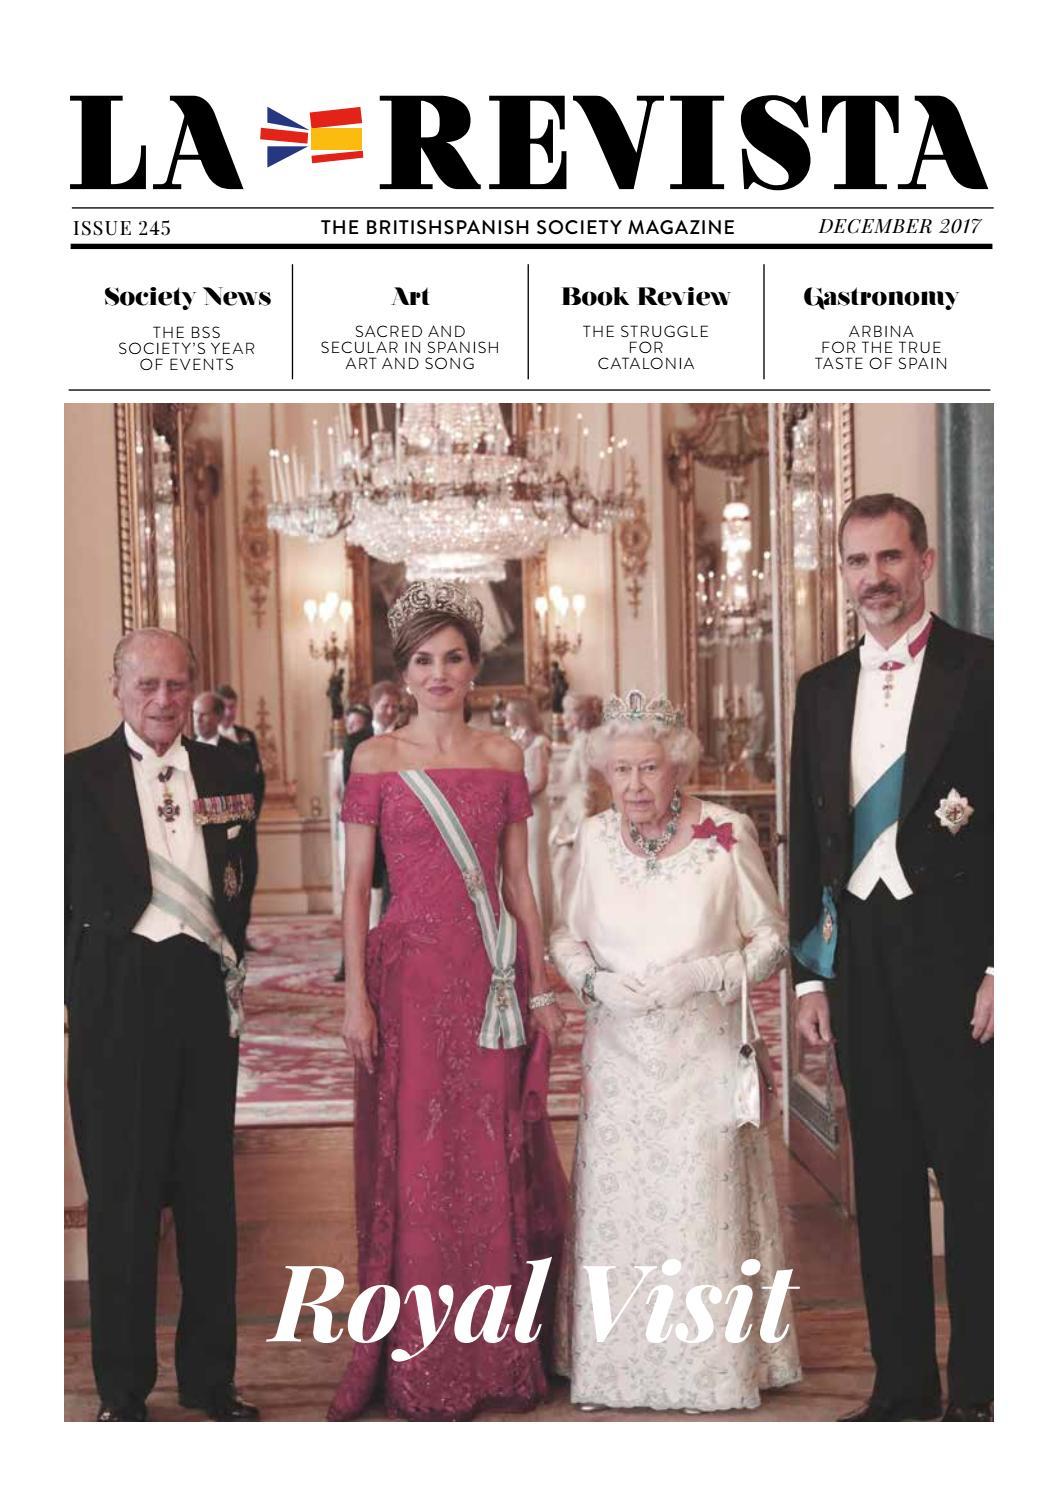 La Revista Issue 245 by LaRevista - issuu 42e74116709